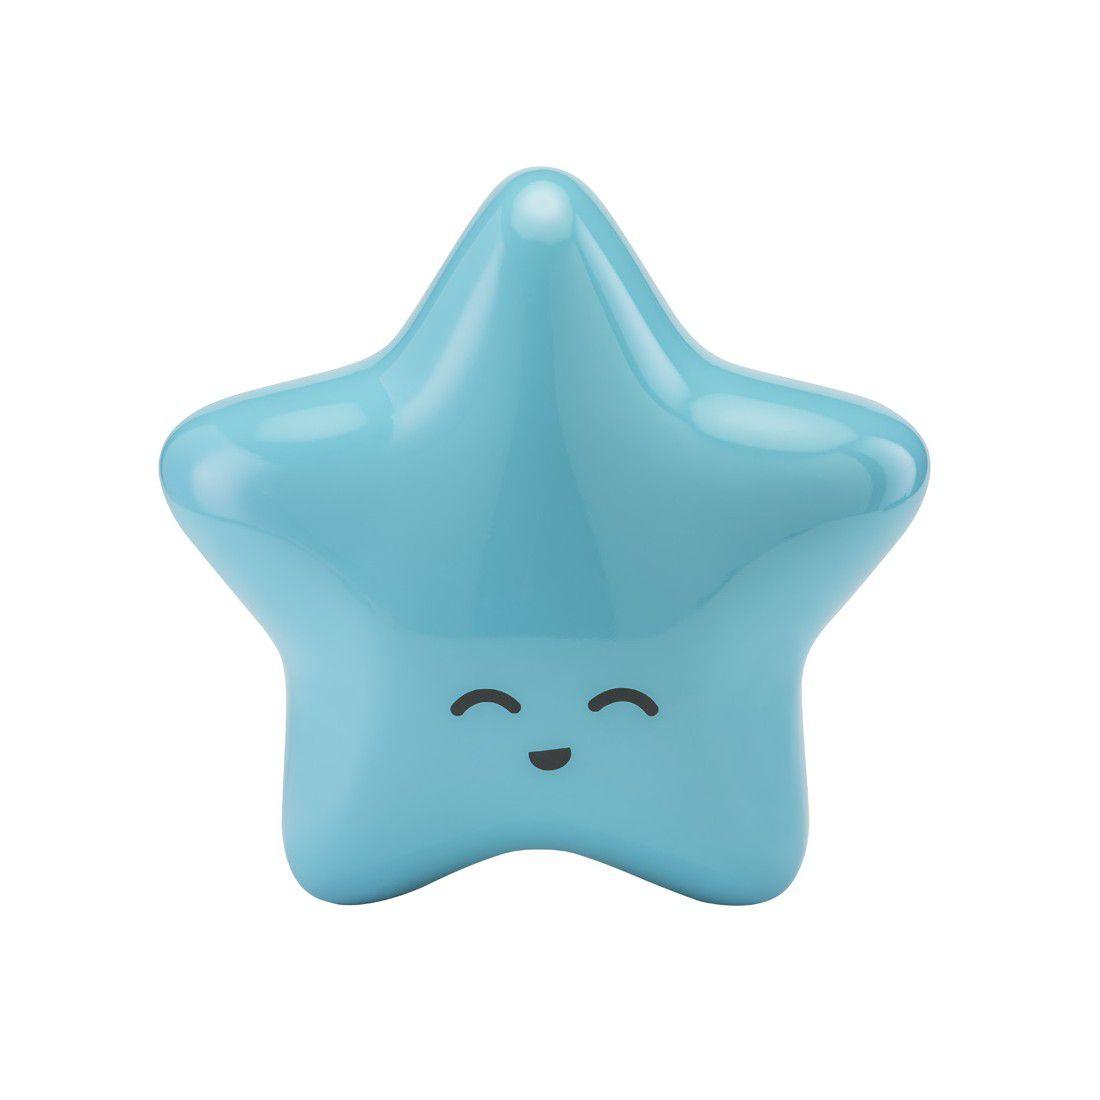 Estrela Decorativa Laqueada Azul